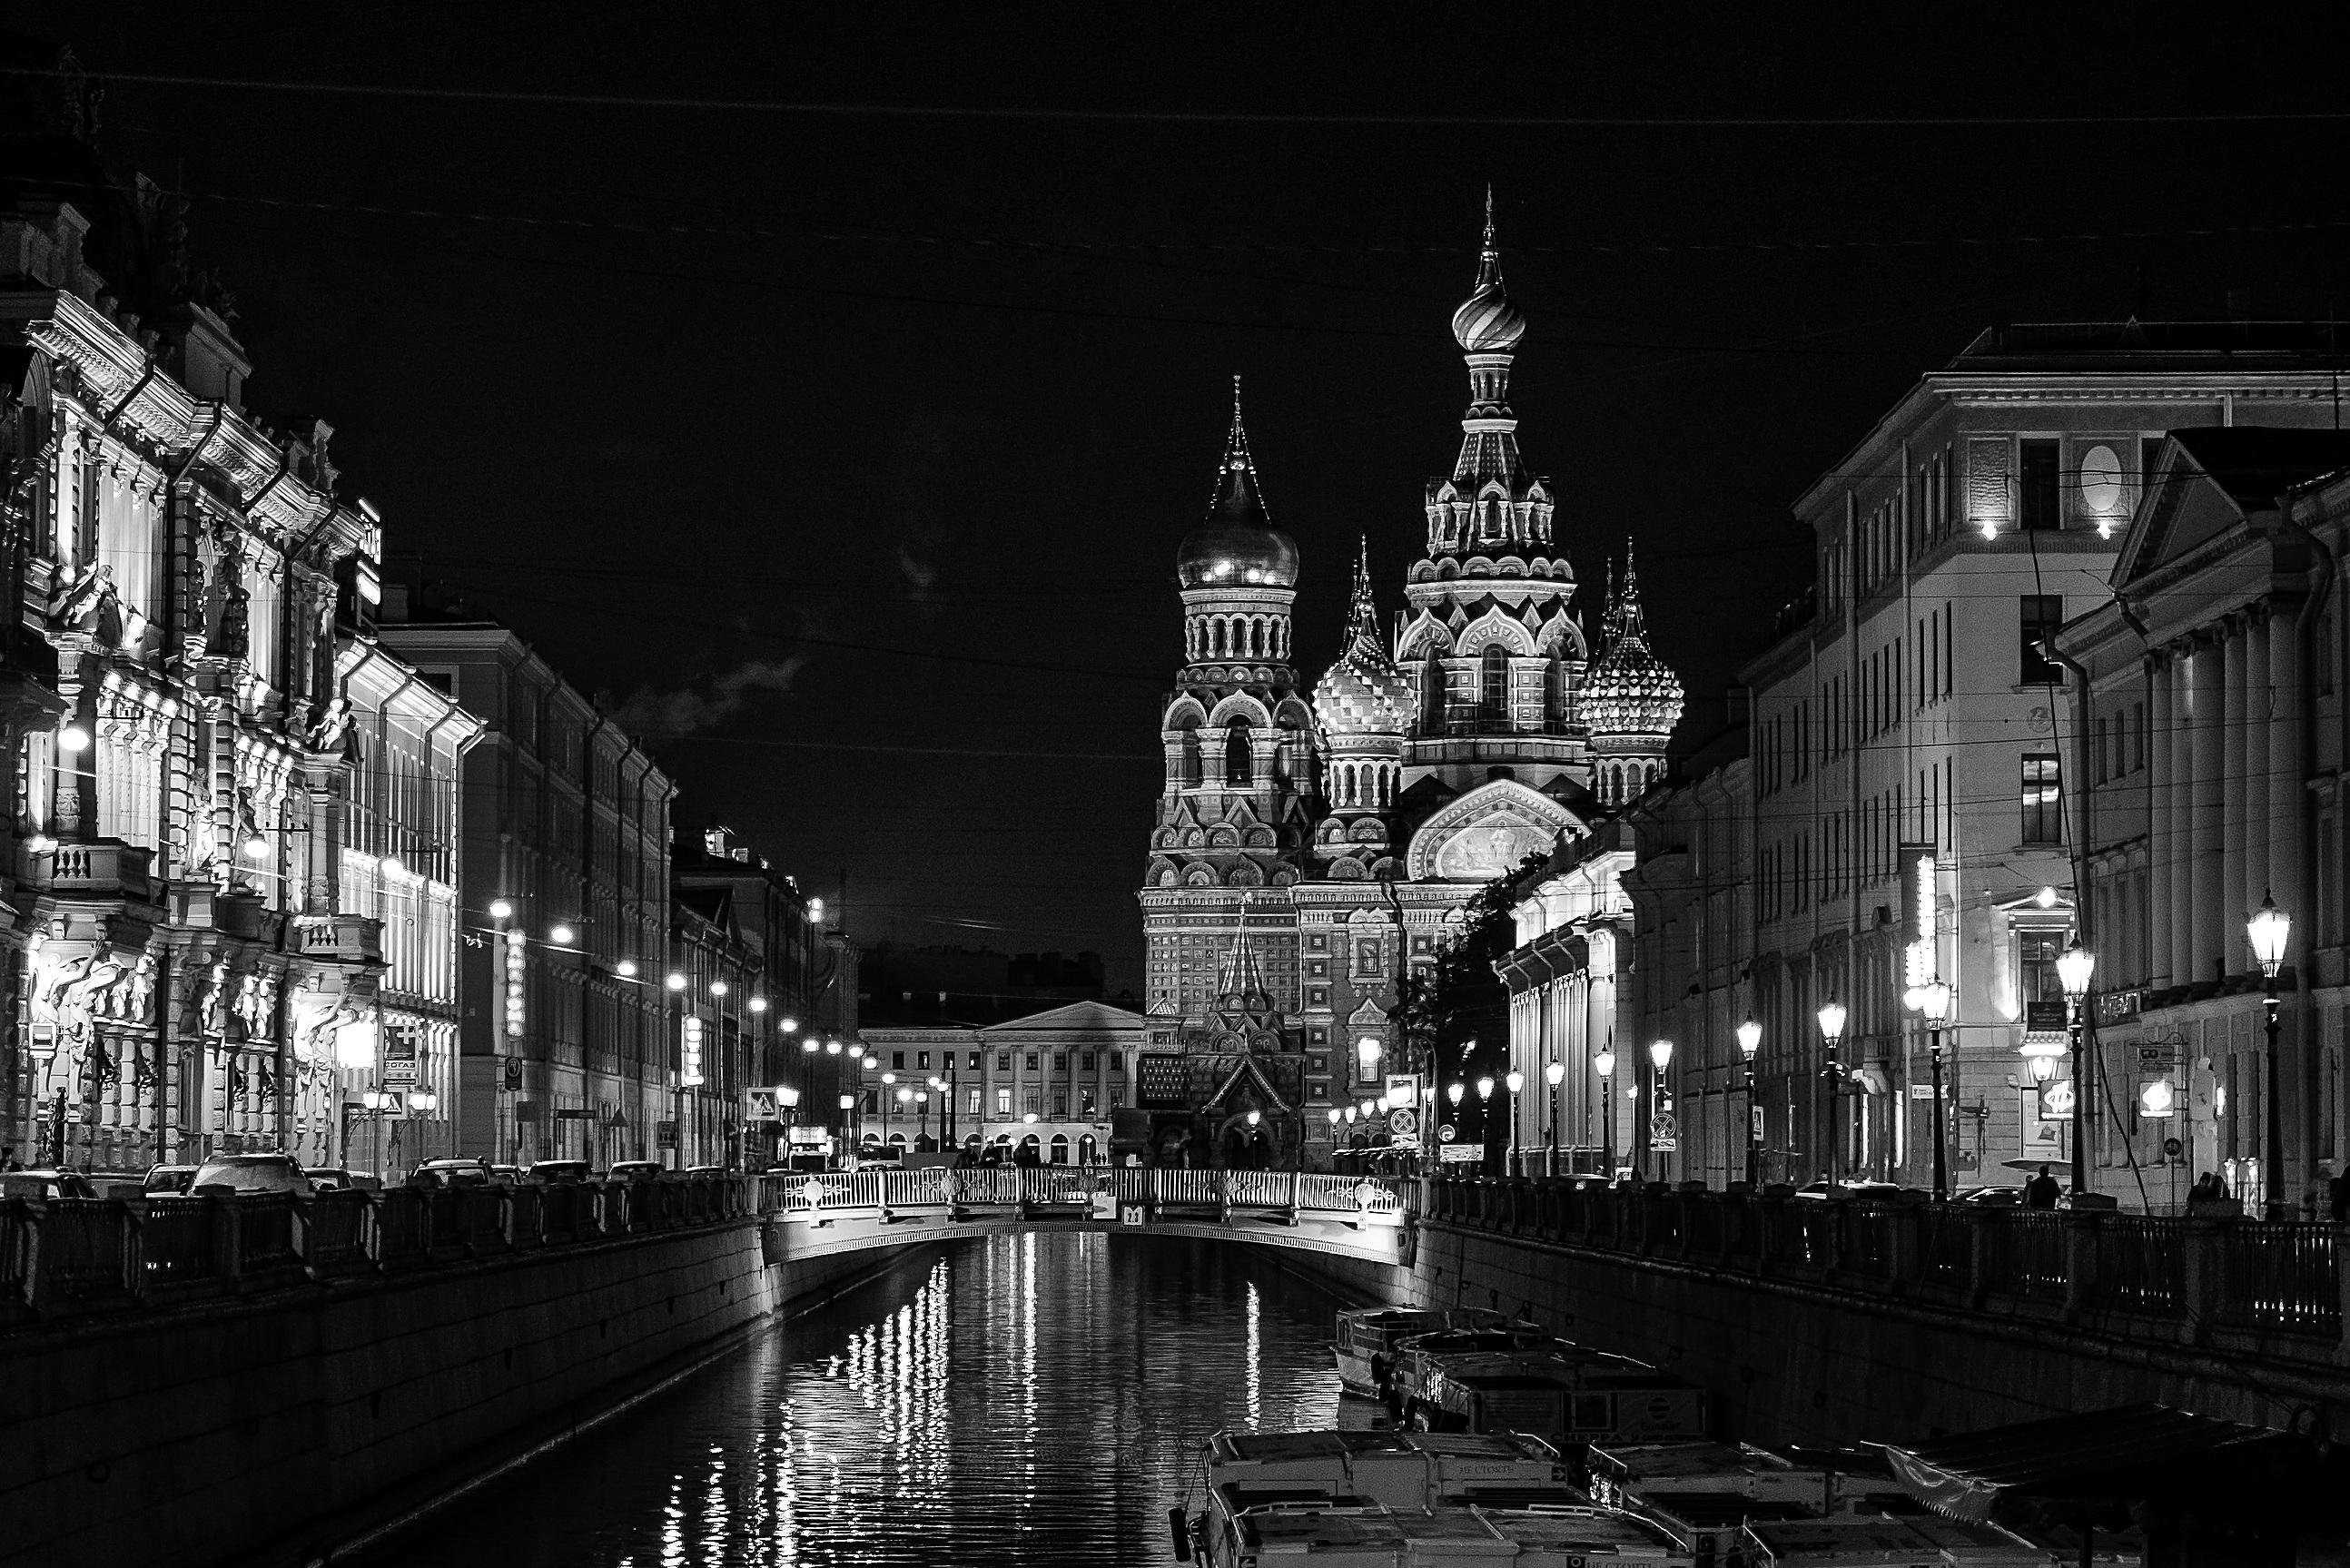 images gratuites noir et blanc nuit la photographie ville canal paysage urbain soir. Black Bedroom Furniture Sets. Home Design Ideas